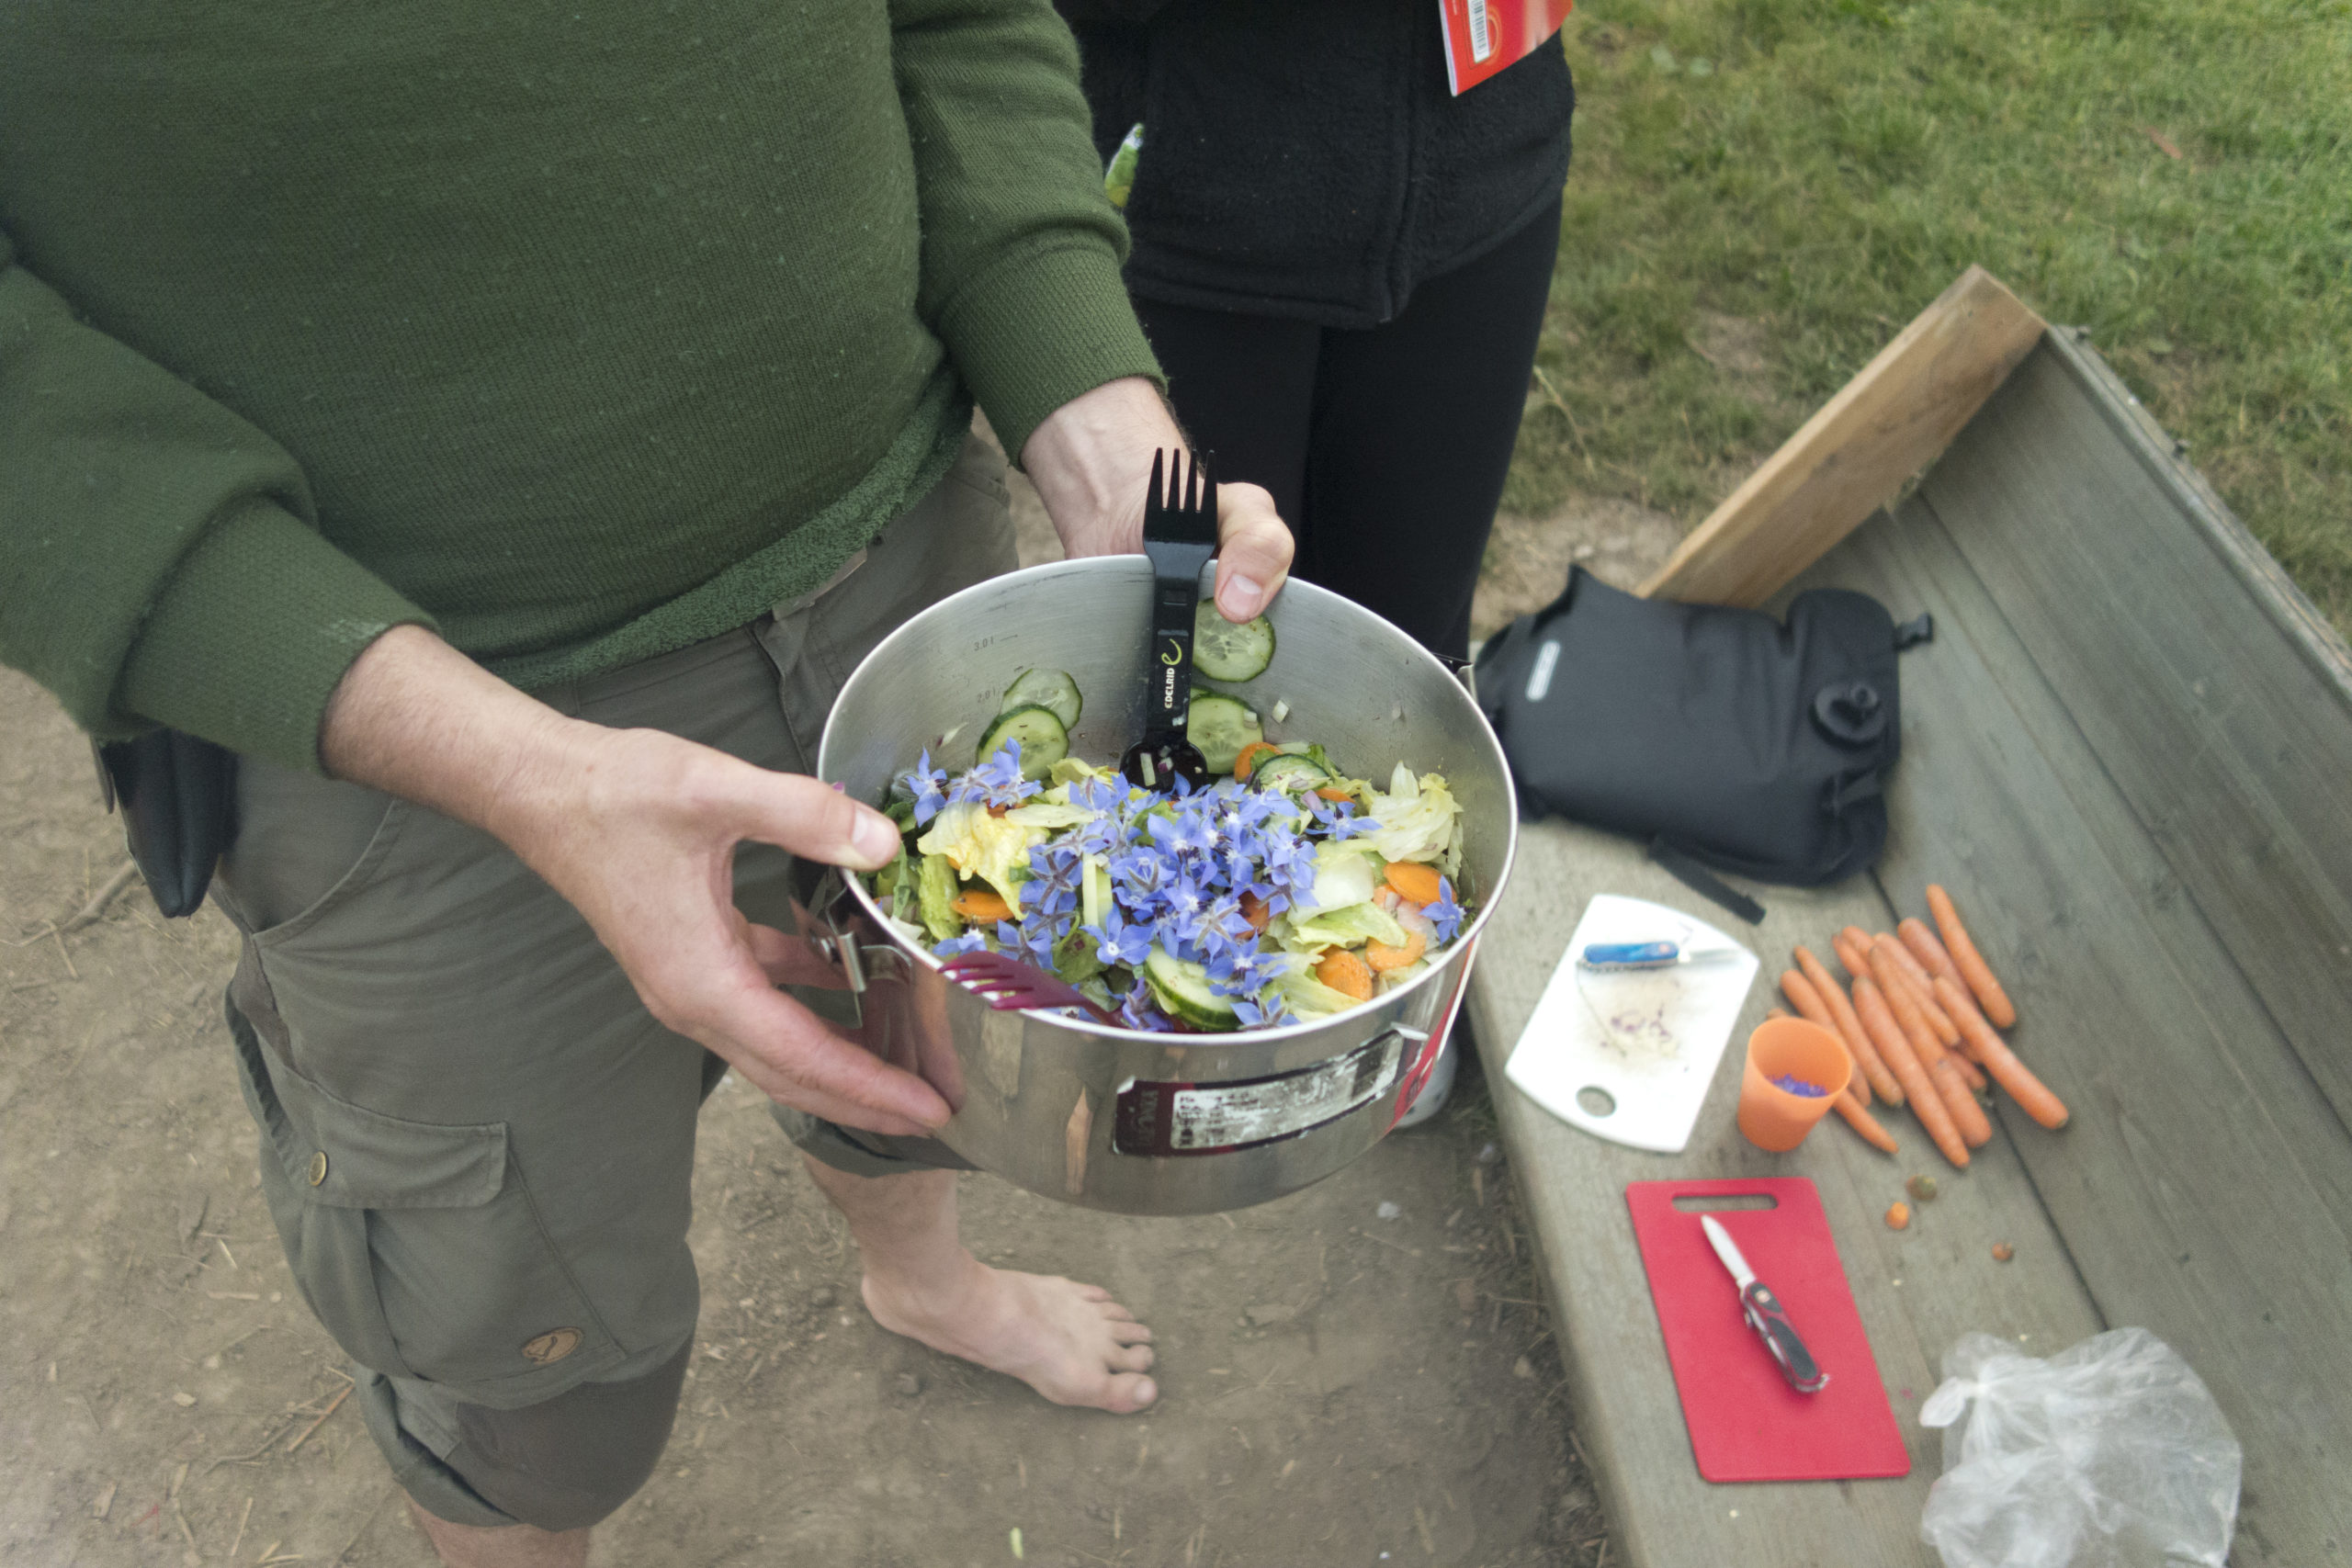 Tandem-Team Etappe 5: Boretschblüten im Salat. Toll, wenn man mindestens eine kräuterkundige Person dabei hat!